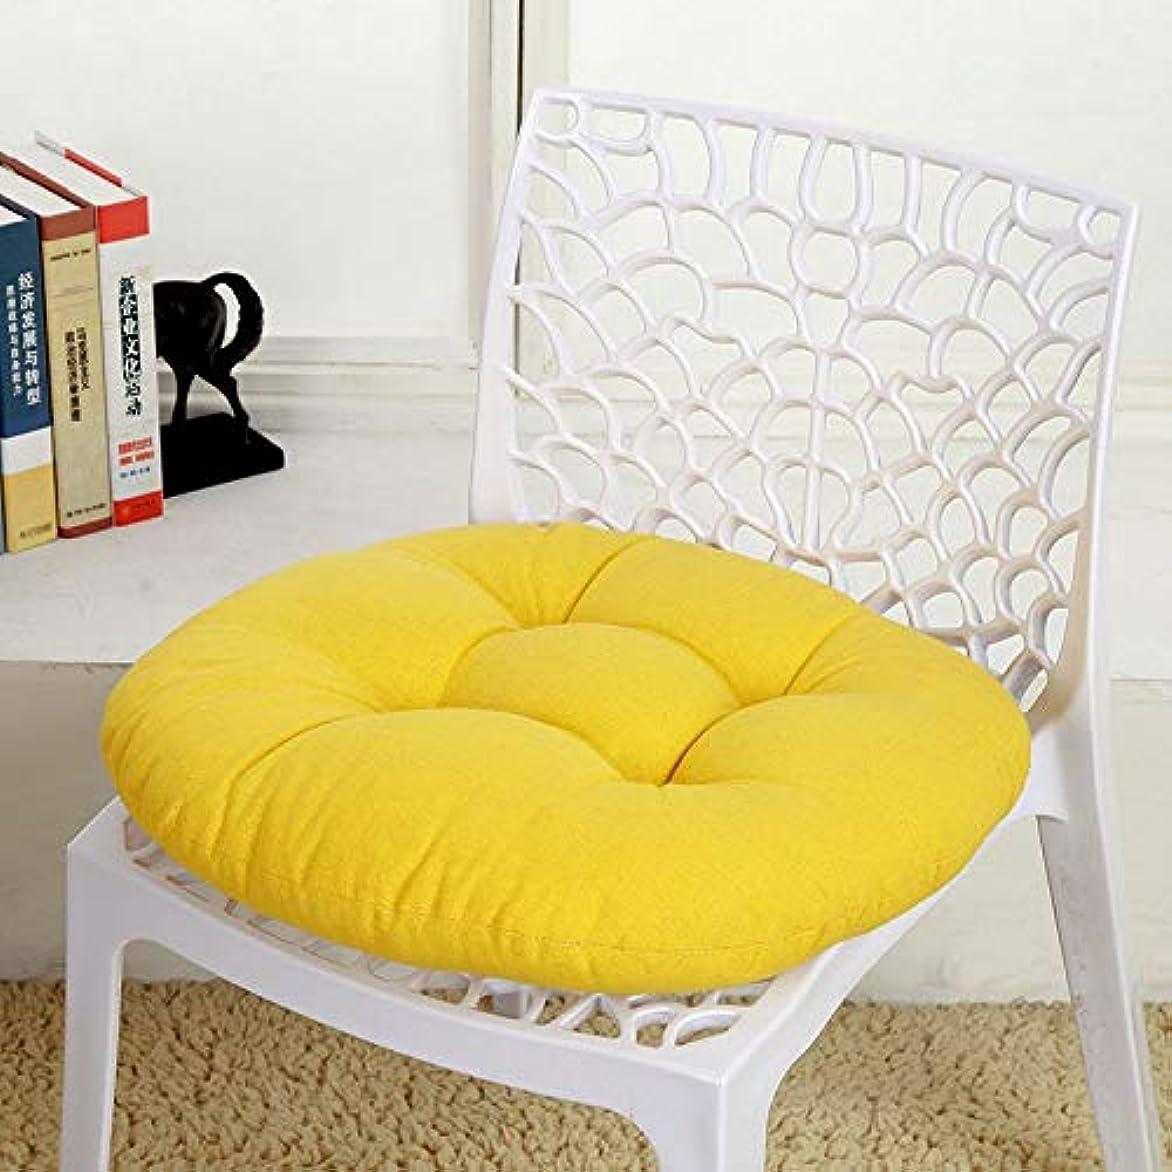 見分ける社説雪LIFE キャンディカラーのクッションラウンドシートクッション波ウィンドウシートクッションクッション家の装飾パッドラウンド枕シート枕椅子座る枕 クッション 椅子